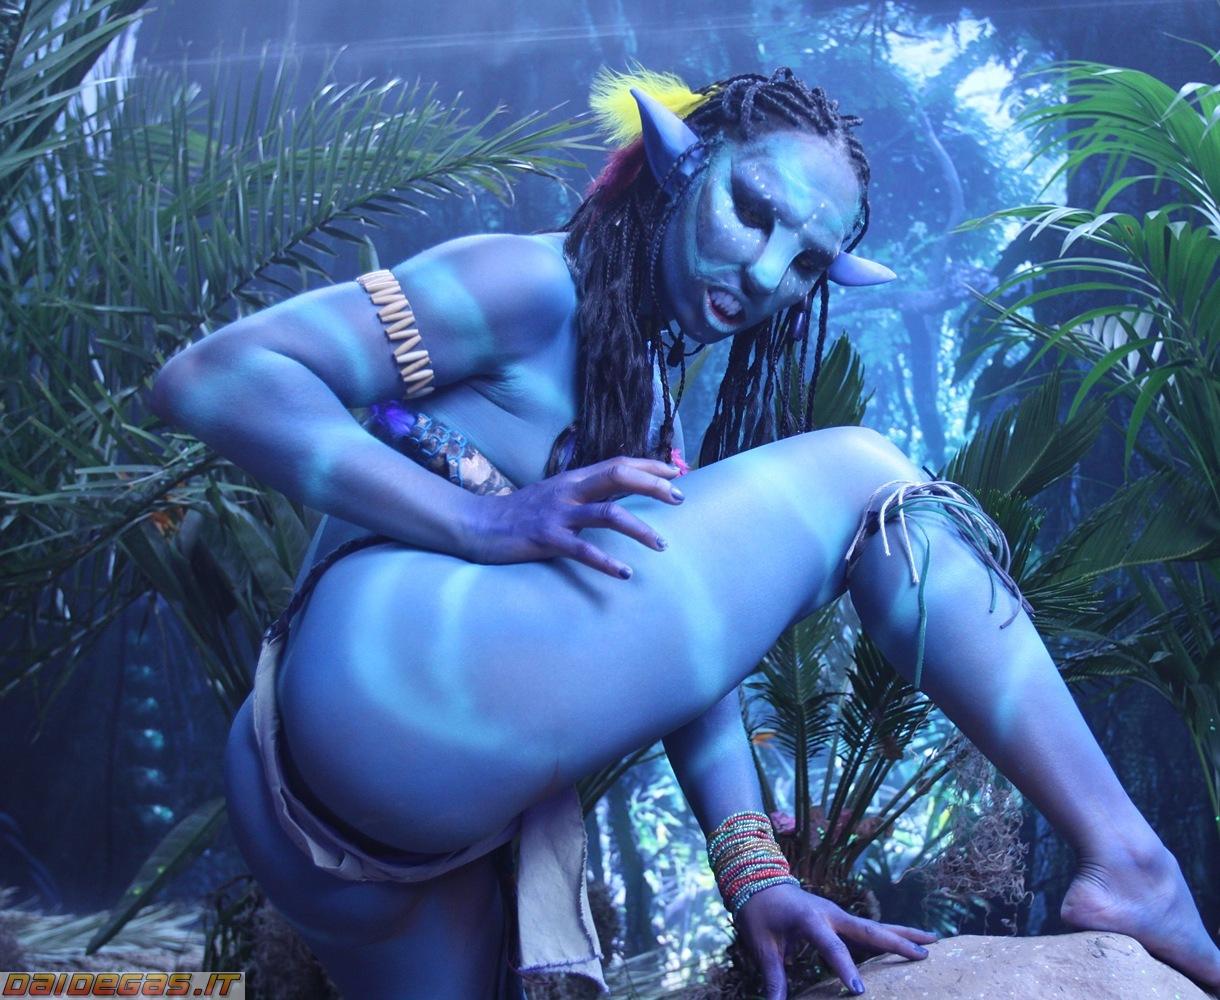 Film Porno Avatar avatar movie naked girl - best porno